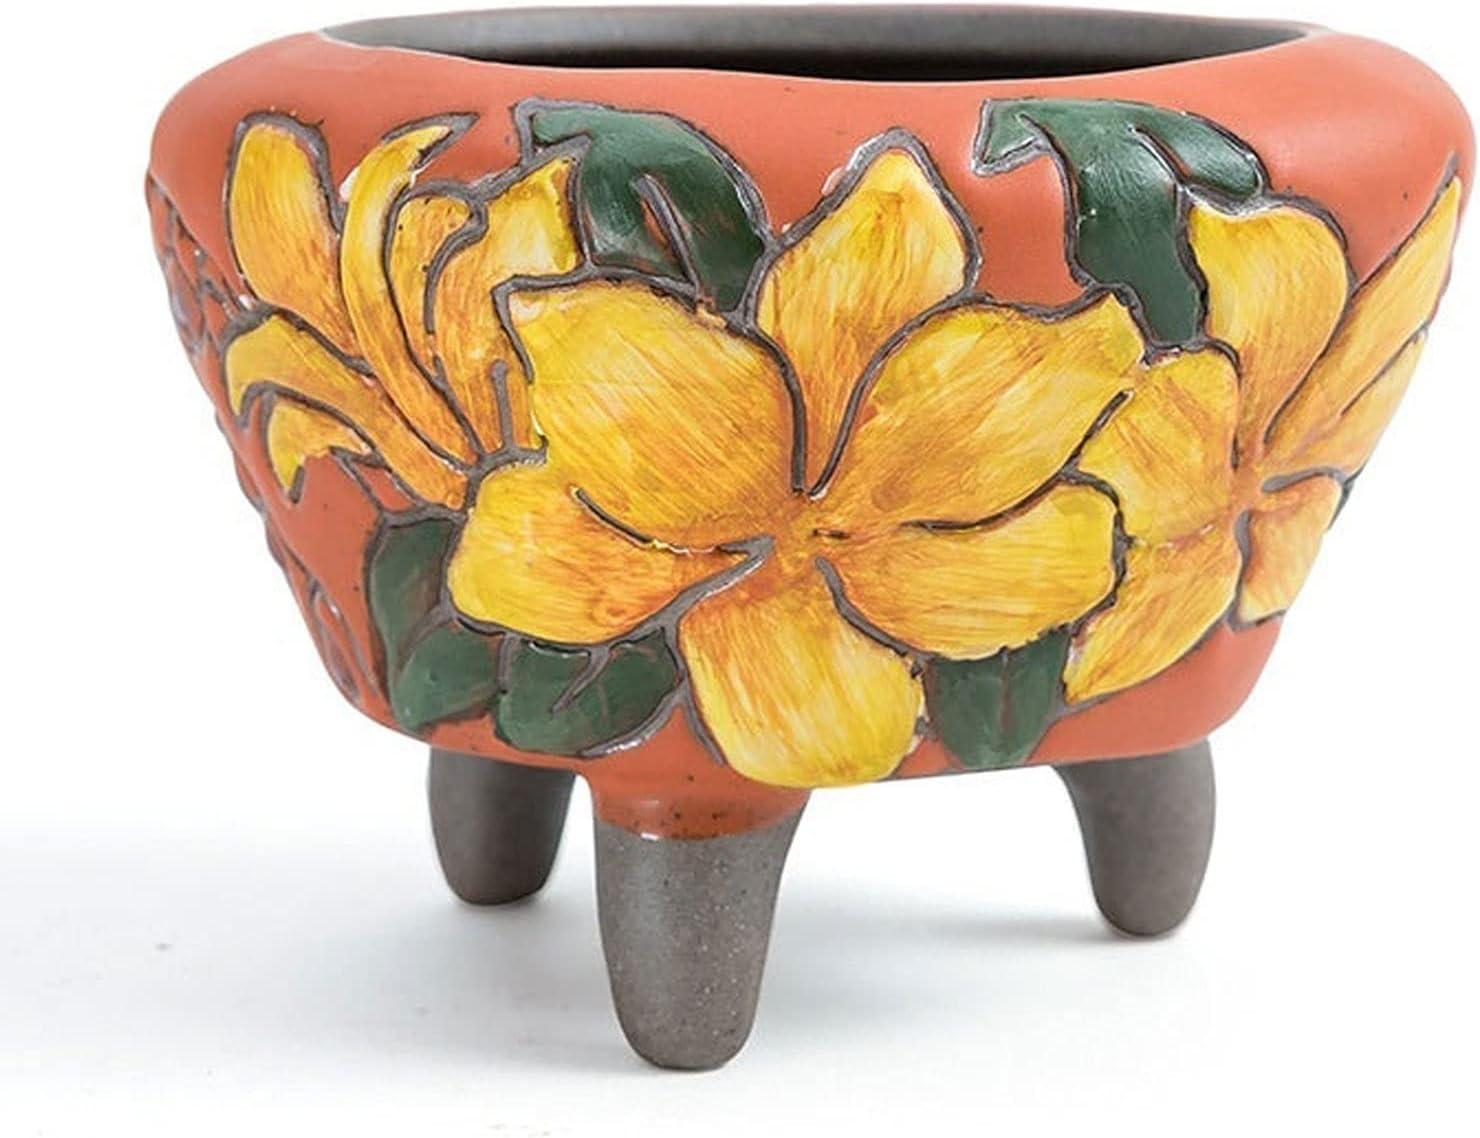 Hand-Painted Succulent Flower Max 76% OFF Pots Orange Outlet SALE w Ceramic